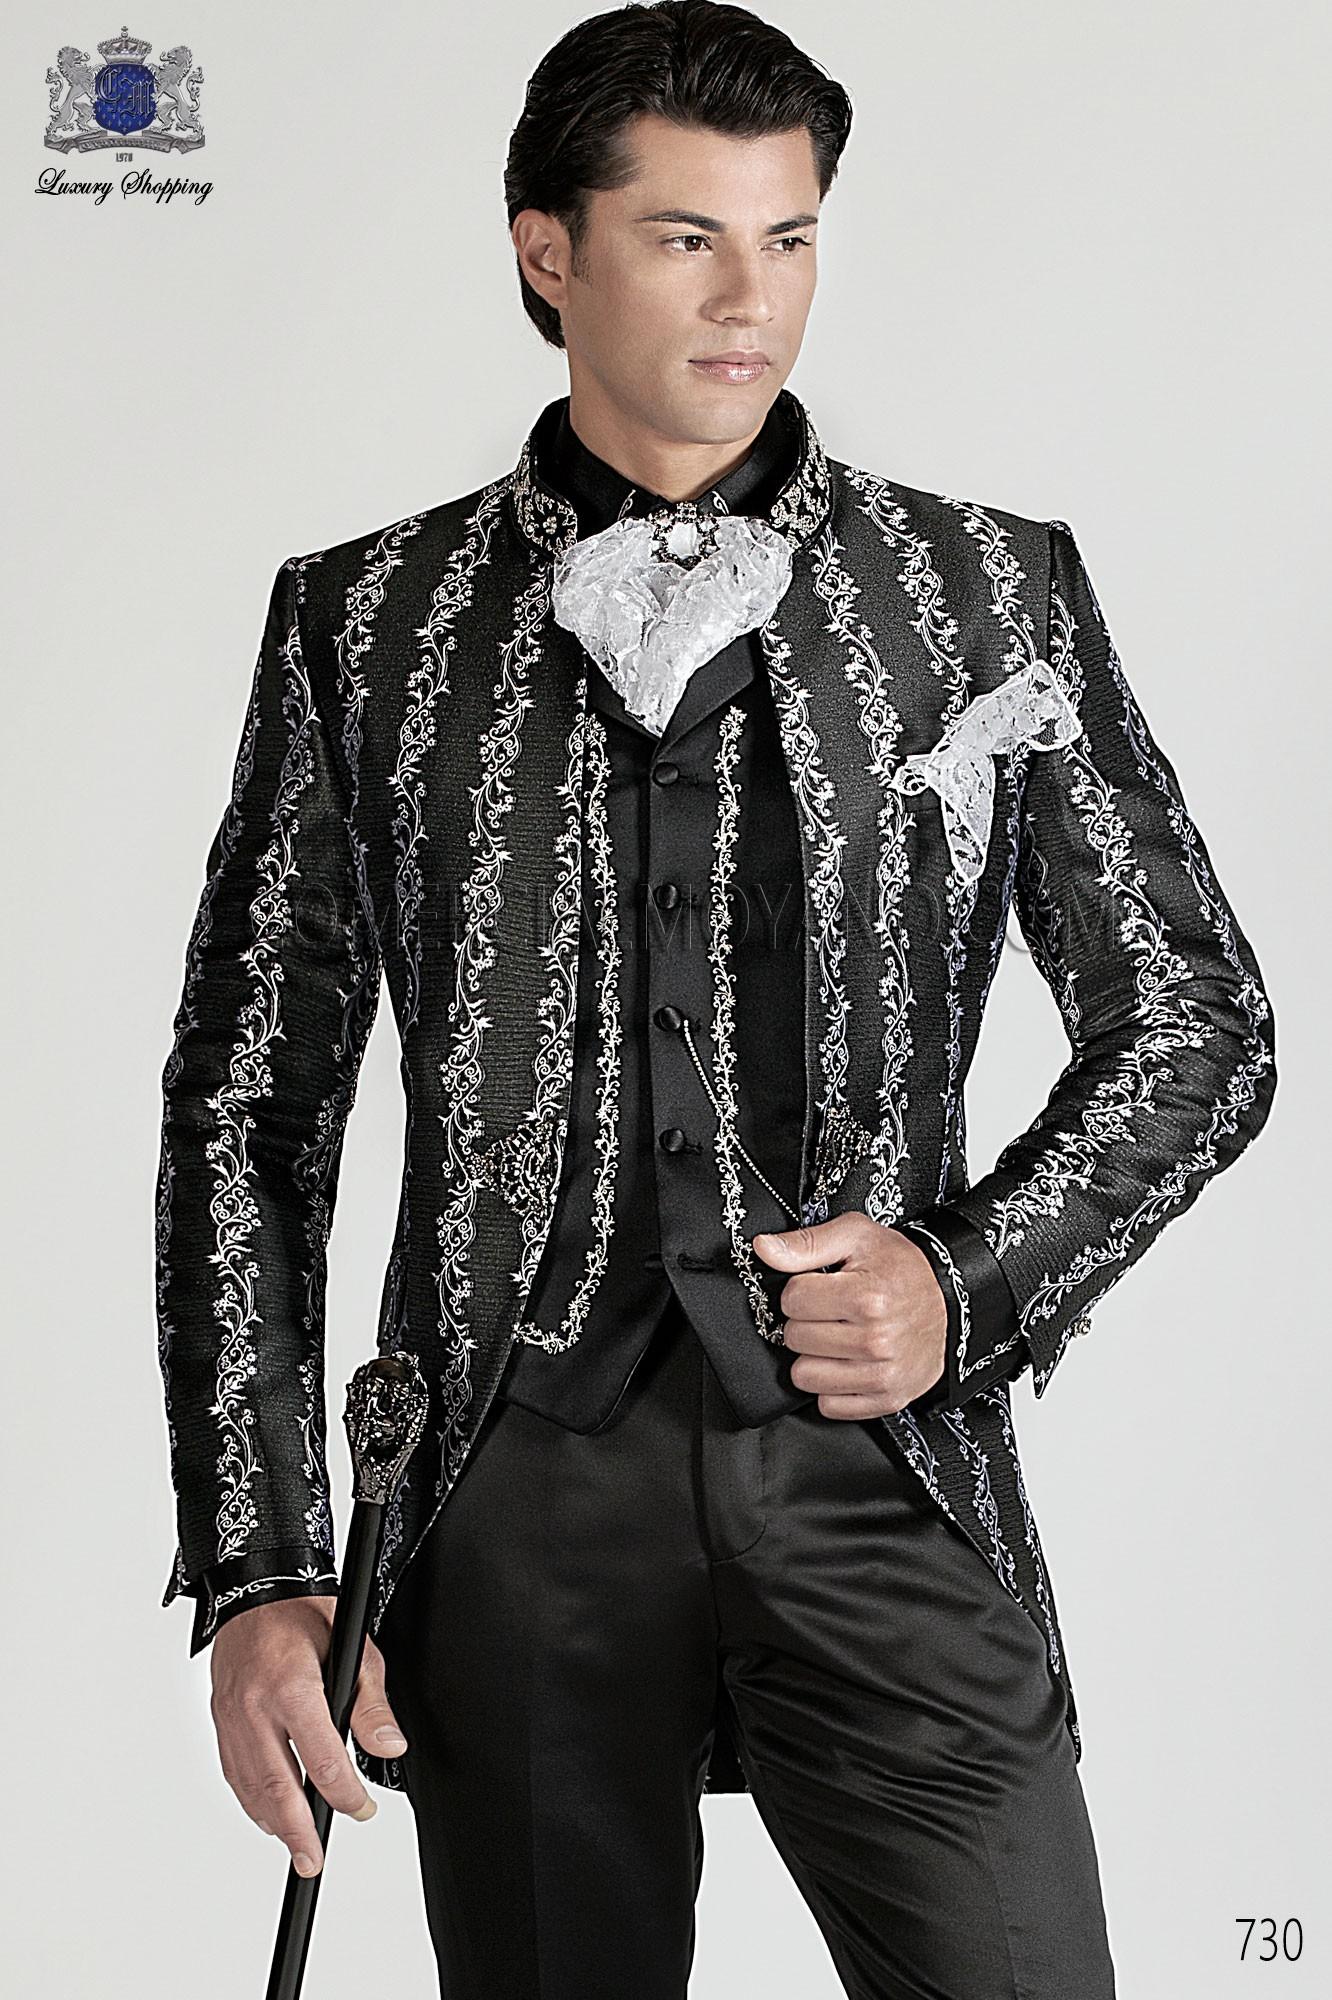 Traje de novio barroco negro y plata modelo: 730 Ottavio Nuccio Gala colección Barroco